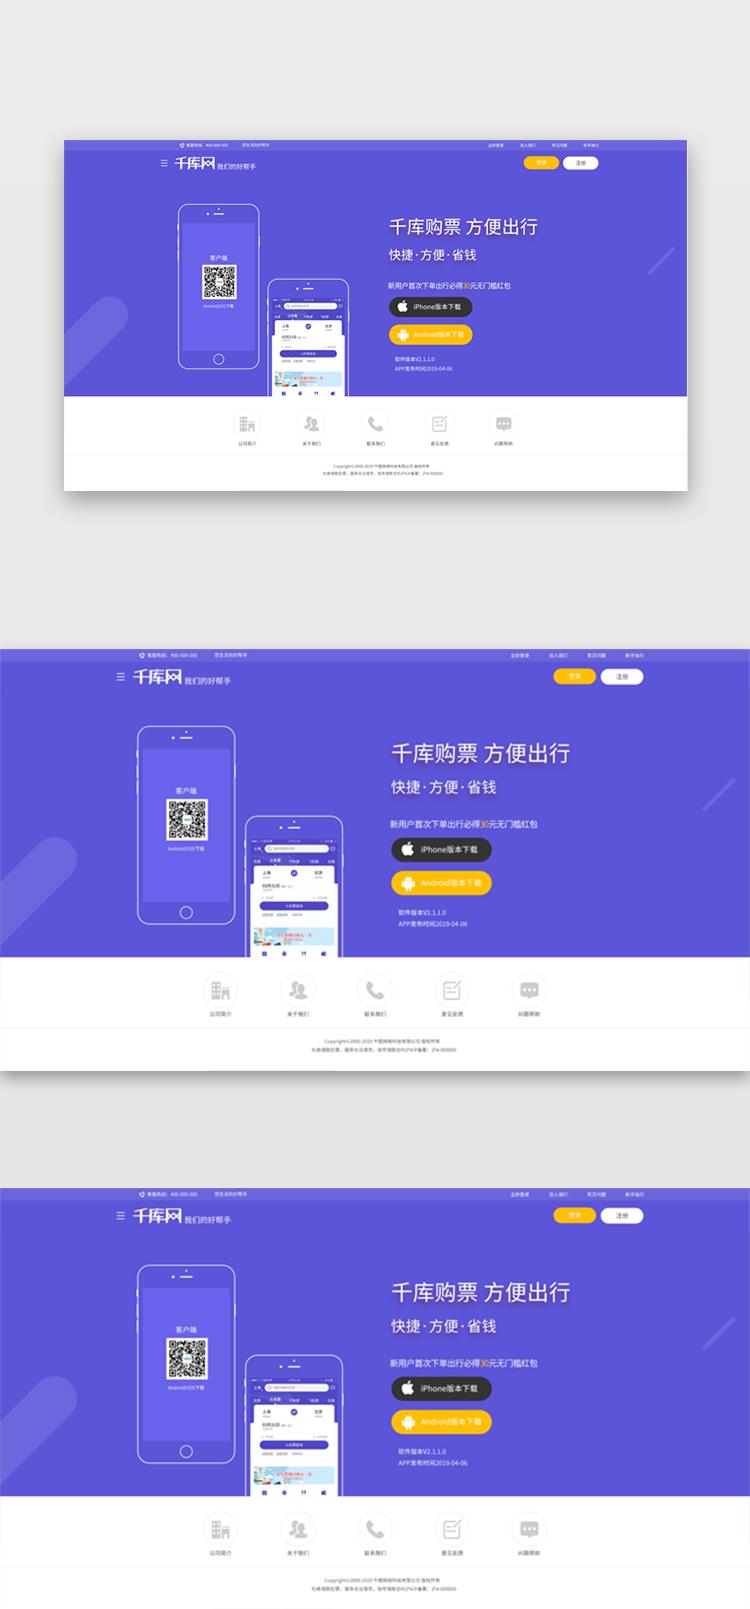 页面系界面软件下载网站ui风格设计素材家装设计现代蓝色说明图片